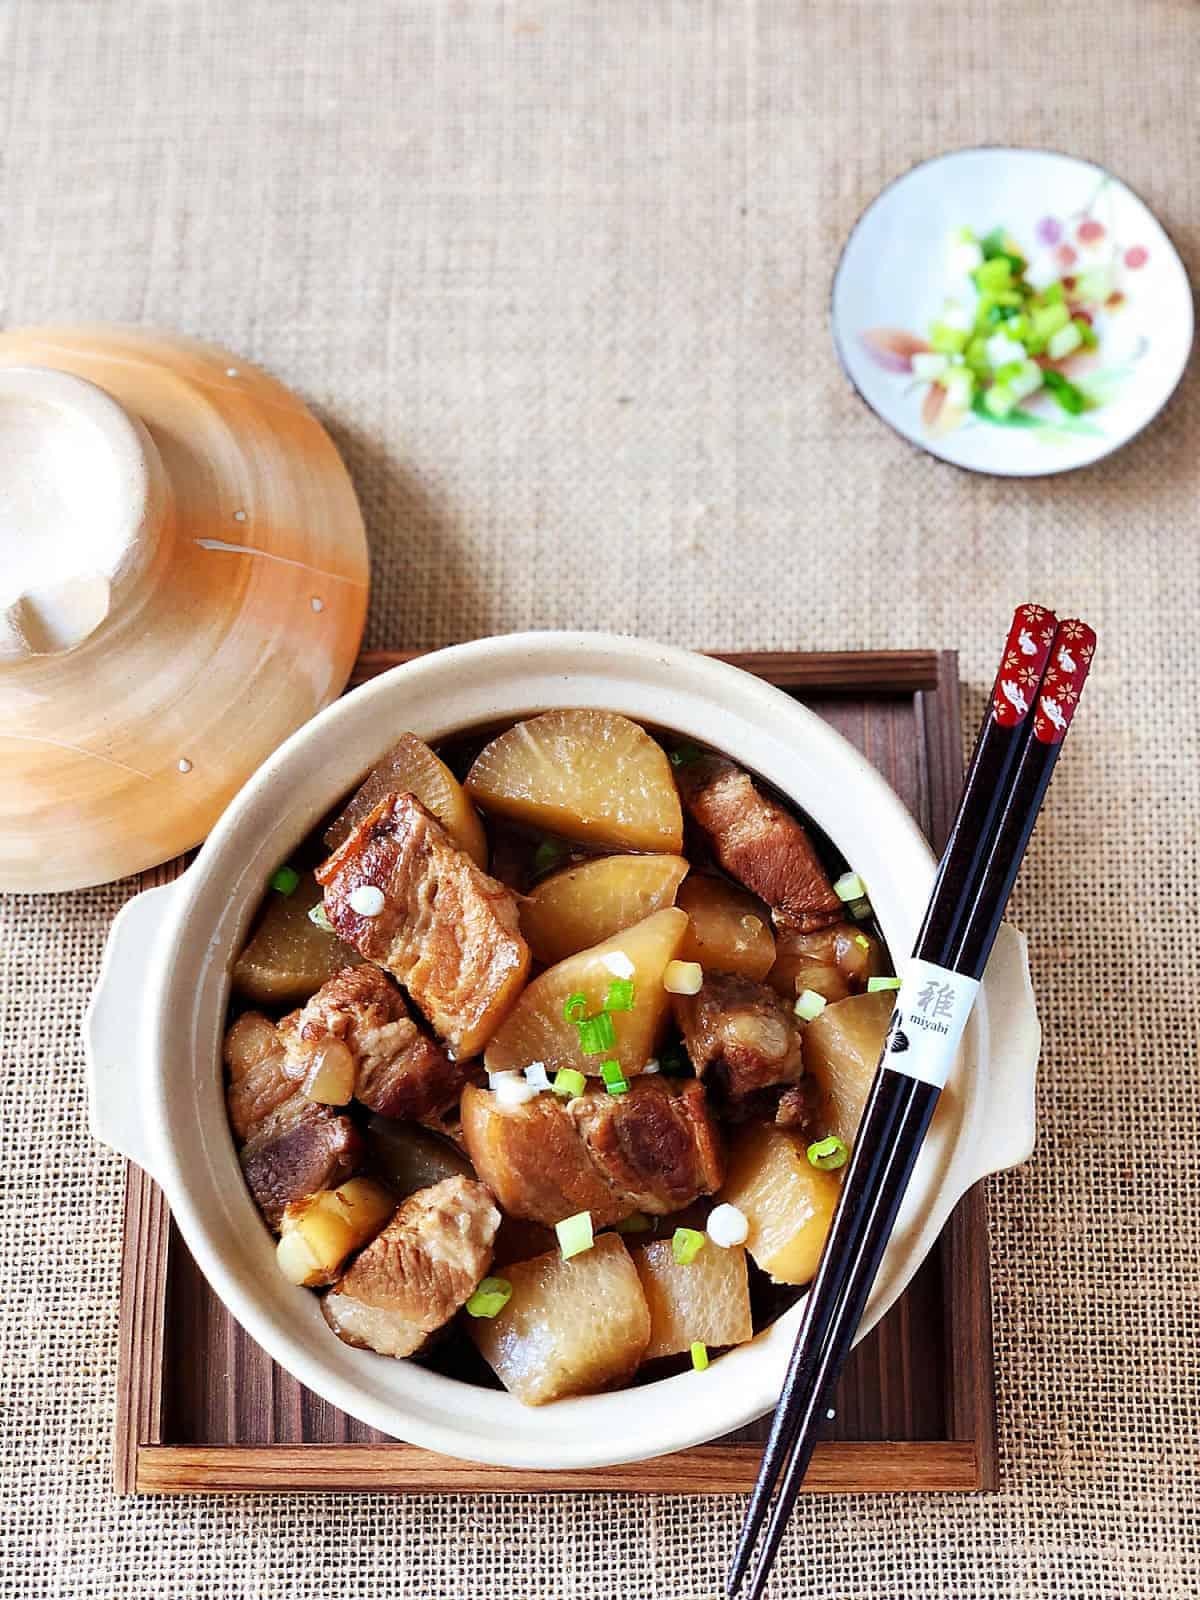 蘿蔔燉肉 -軟嫩燉肉與蘿蔔的溫潤甘甜-清淡和風-壓力鍋&瓦斯爐兩種做法